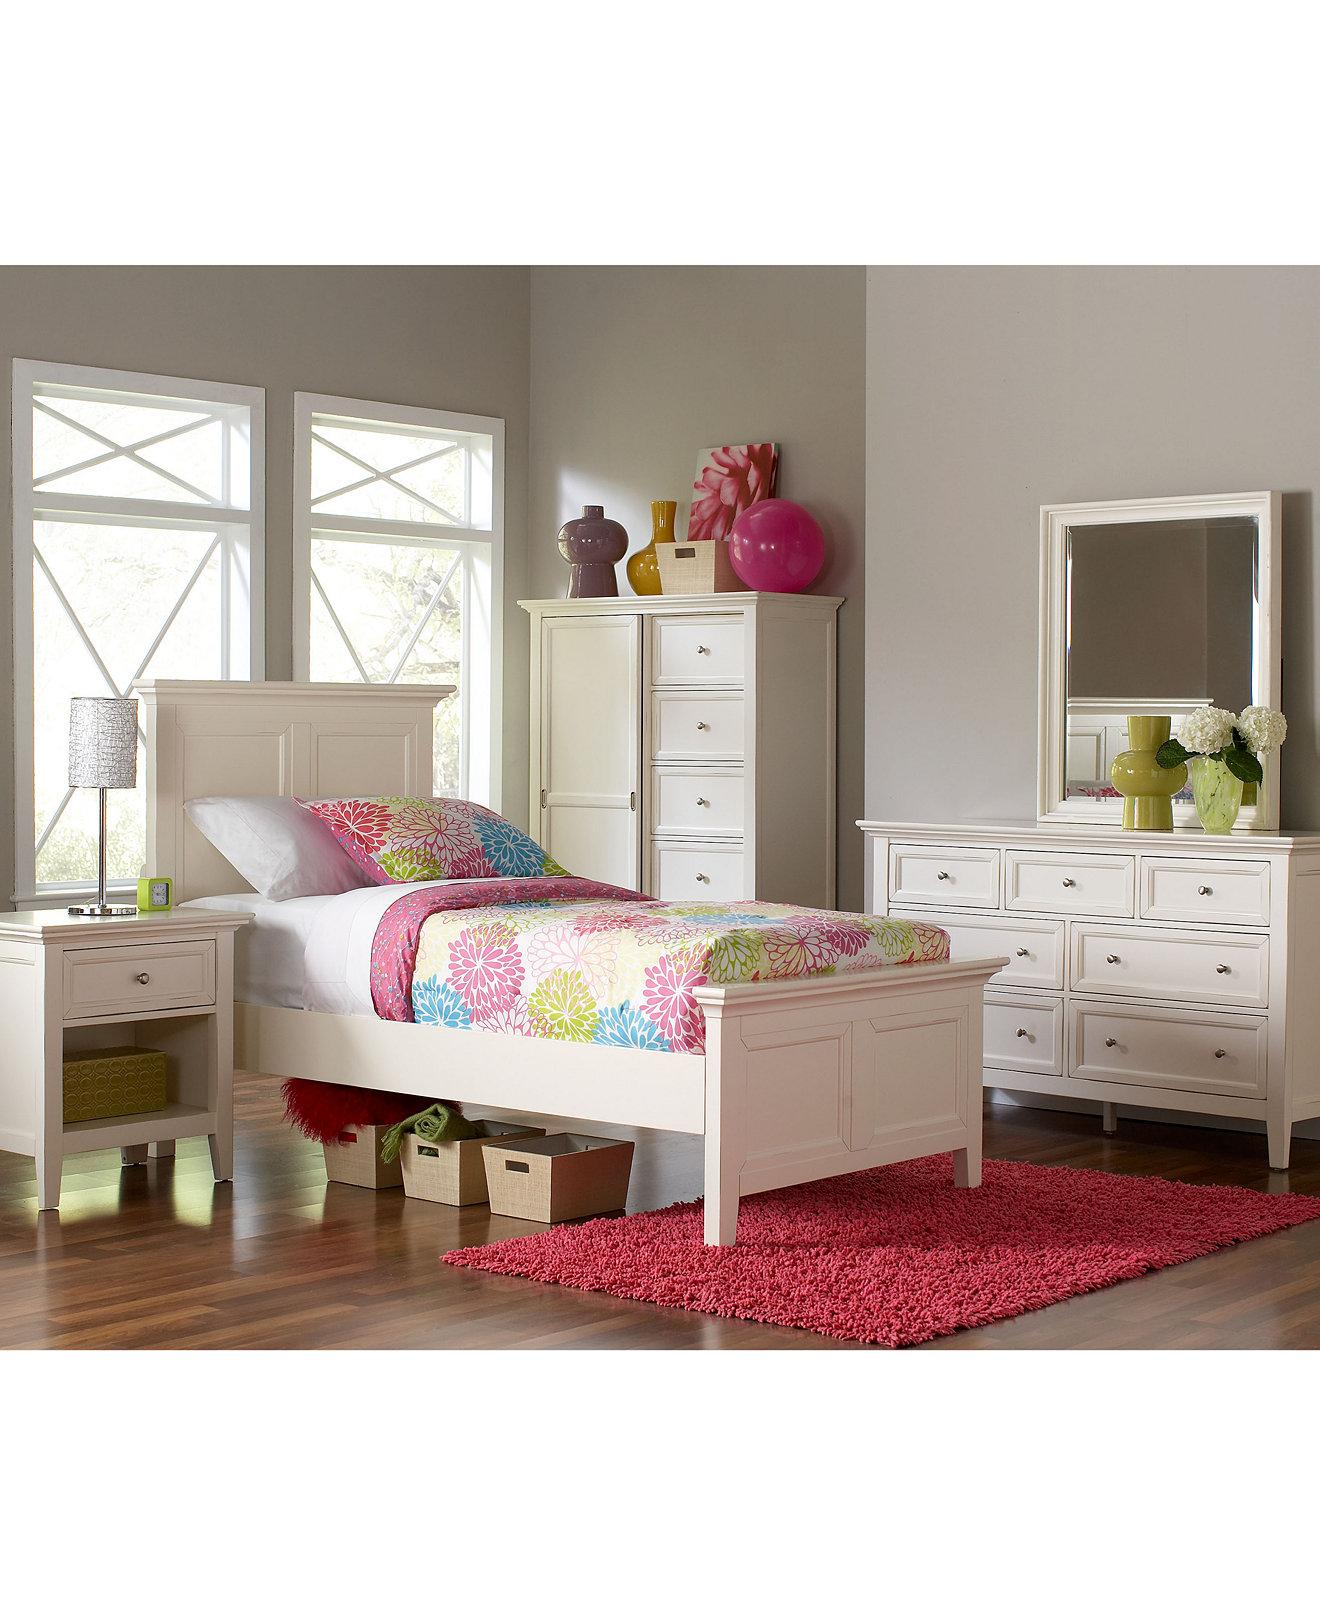 Macys Bedroom Furniture Thomasville Furniture Shop For And Buy Thomasville Furniture